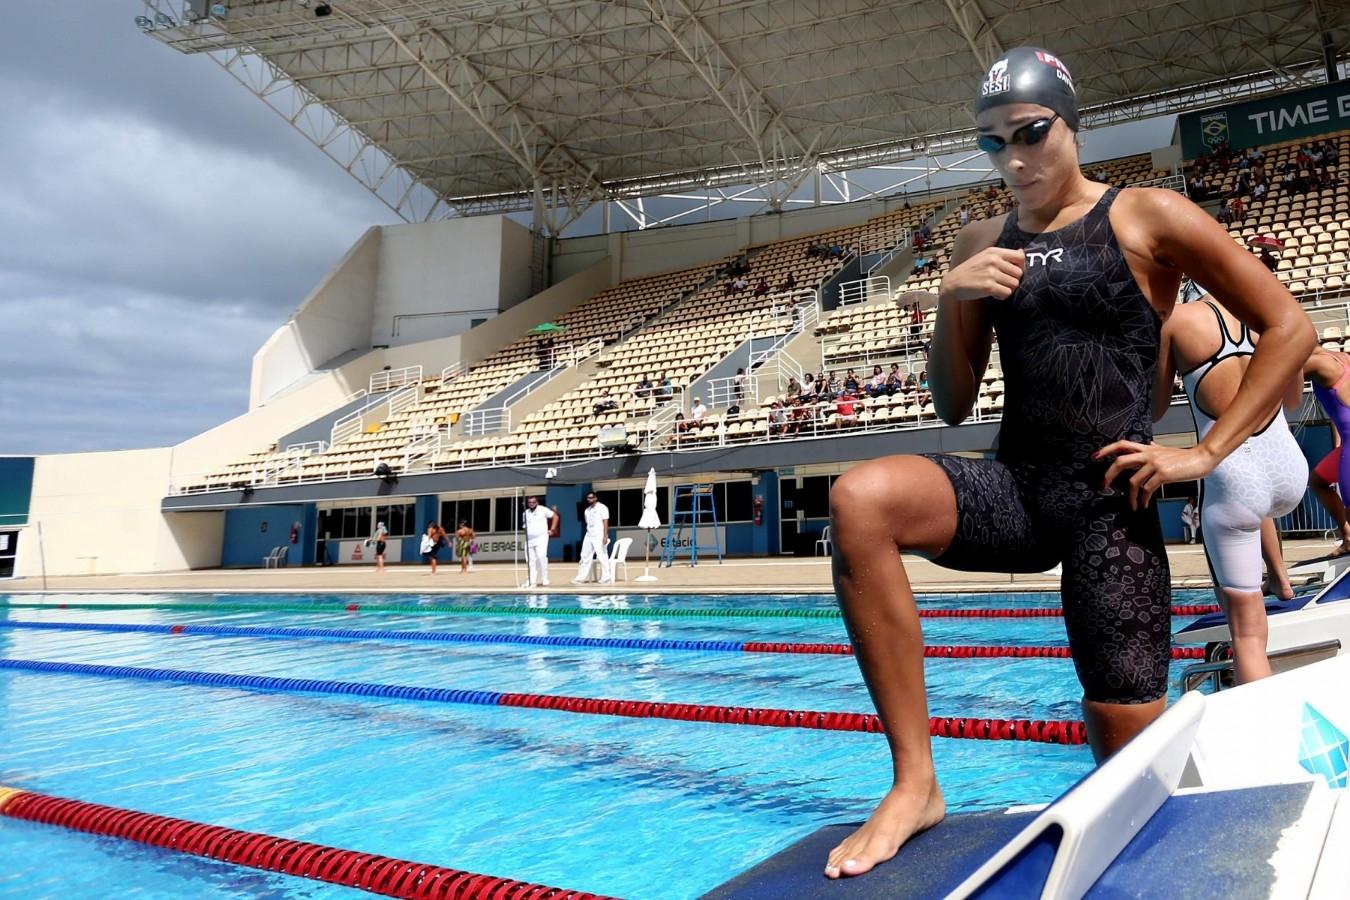 Trofeu Maria Lenk de Natacao. Parque Aquatica Maria Lenk. 17 de abril de 2019, Rio de Janeiro, RJ Brasil. Foto: Matheus Paiva/SSPress/CBDA.